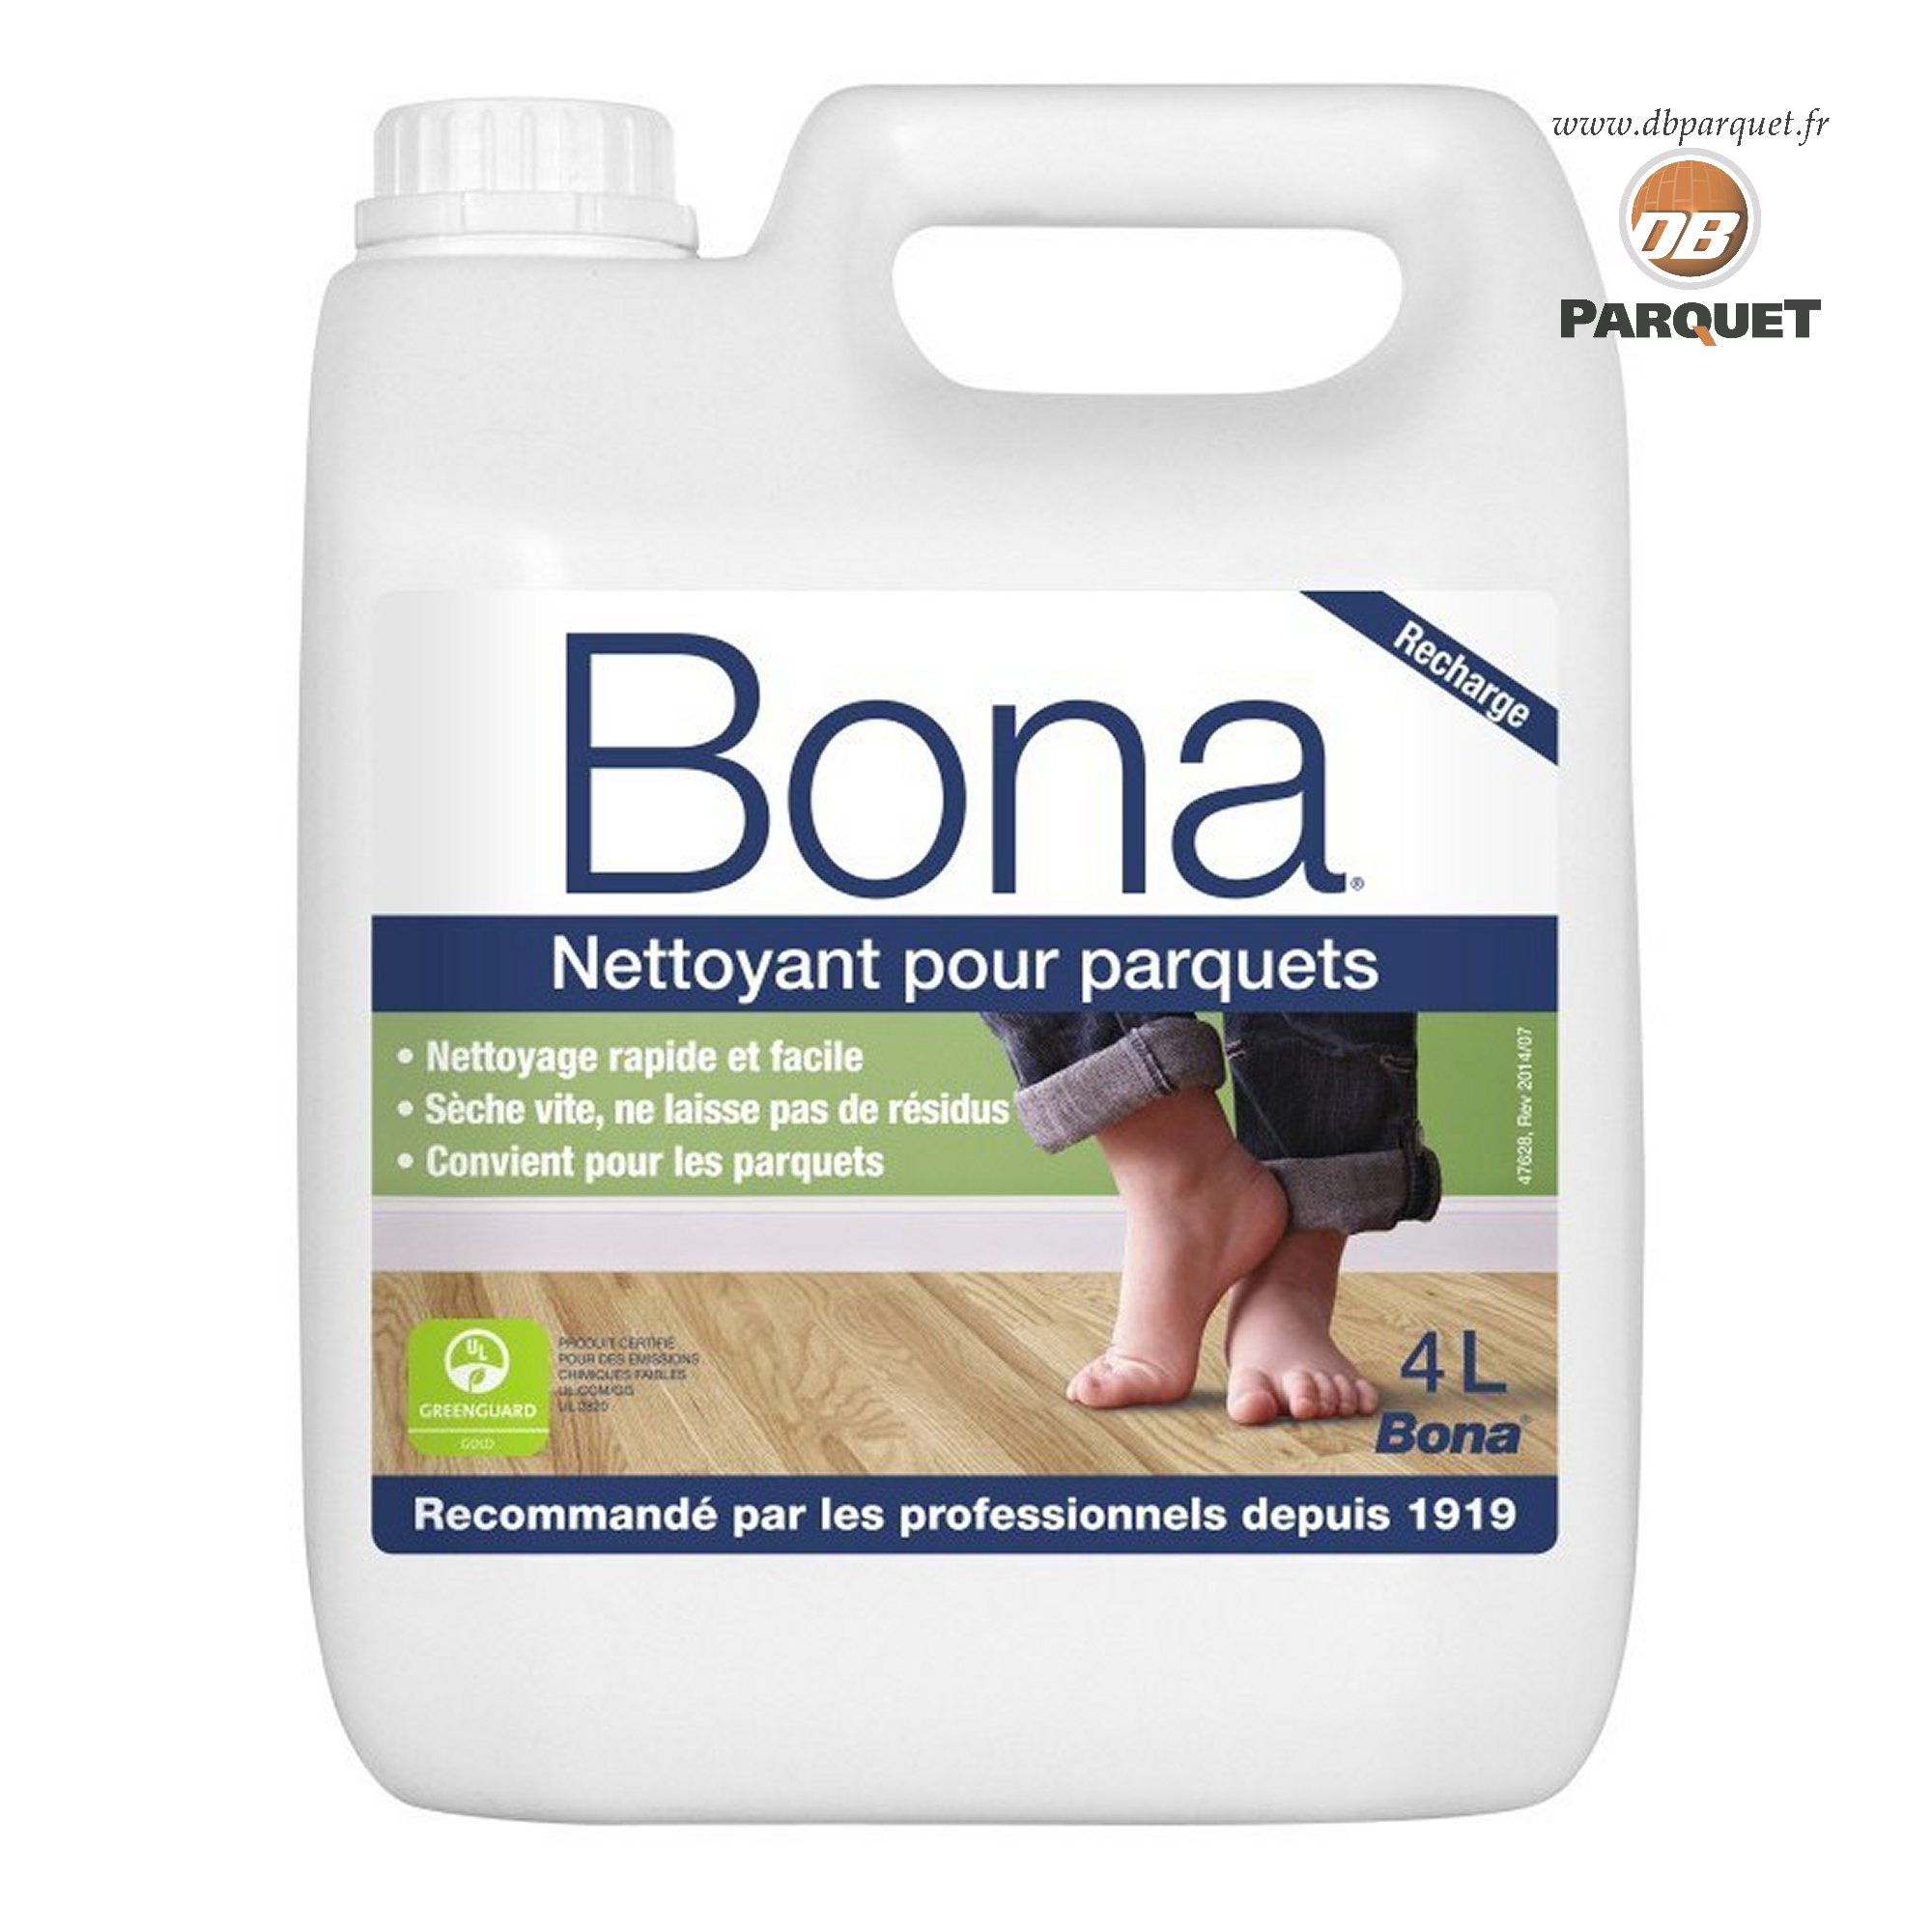 Nettoyant pour parquet Bona 4 litres